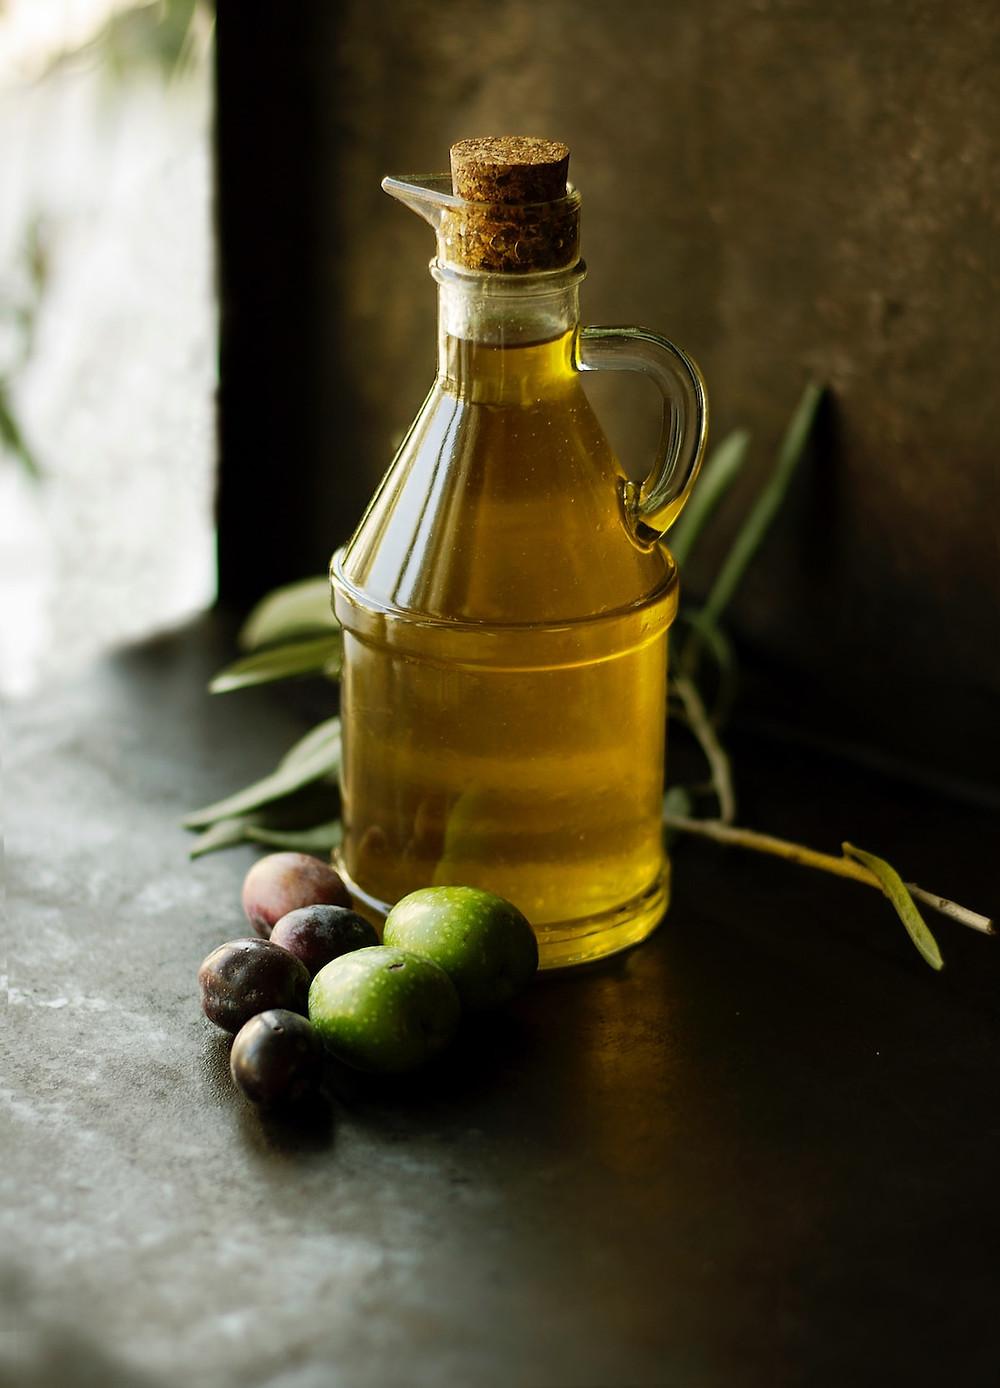 Mit einem Korken verschlossene Glasflasche gefüllt mit Olivenöl